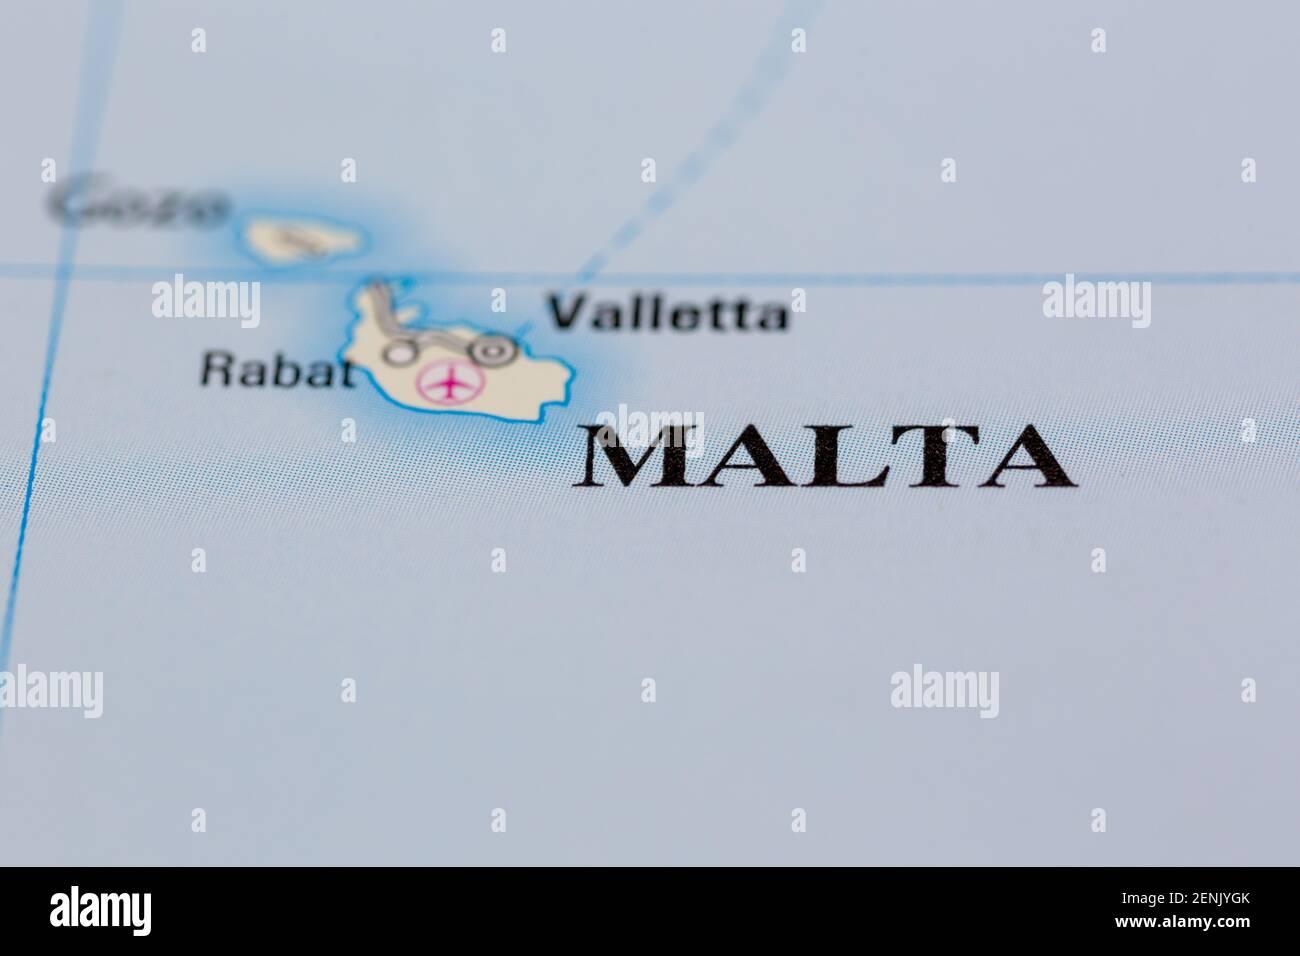 Malta Cartina Stradale.Carta Stradale Malta Immagini E Fotos Stock Alamy